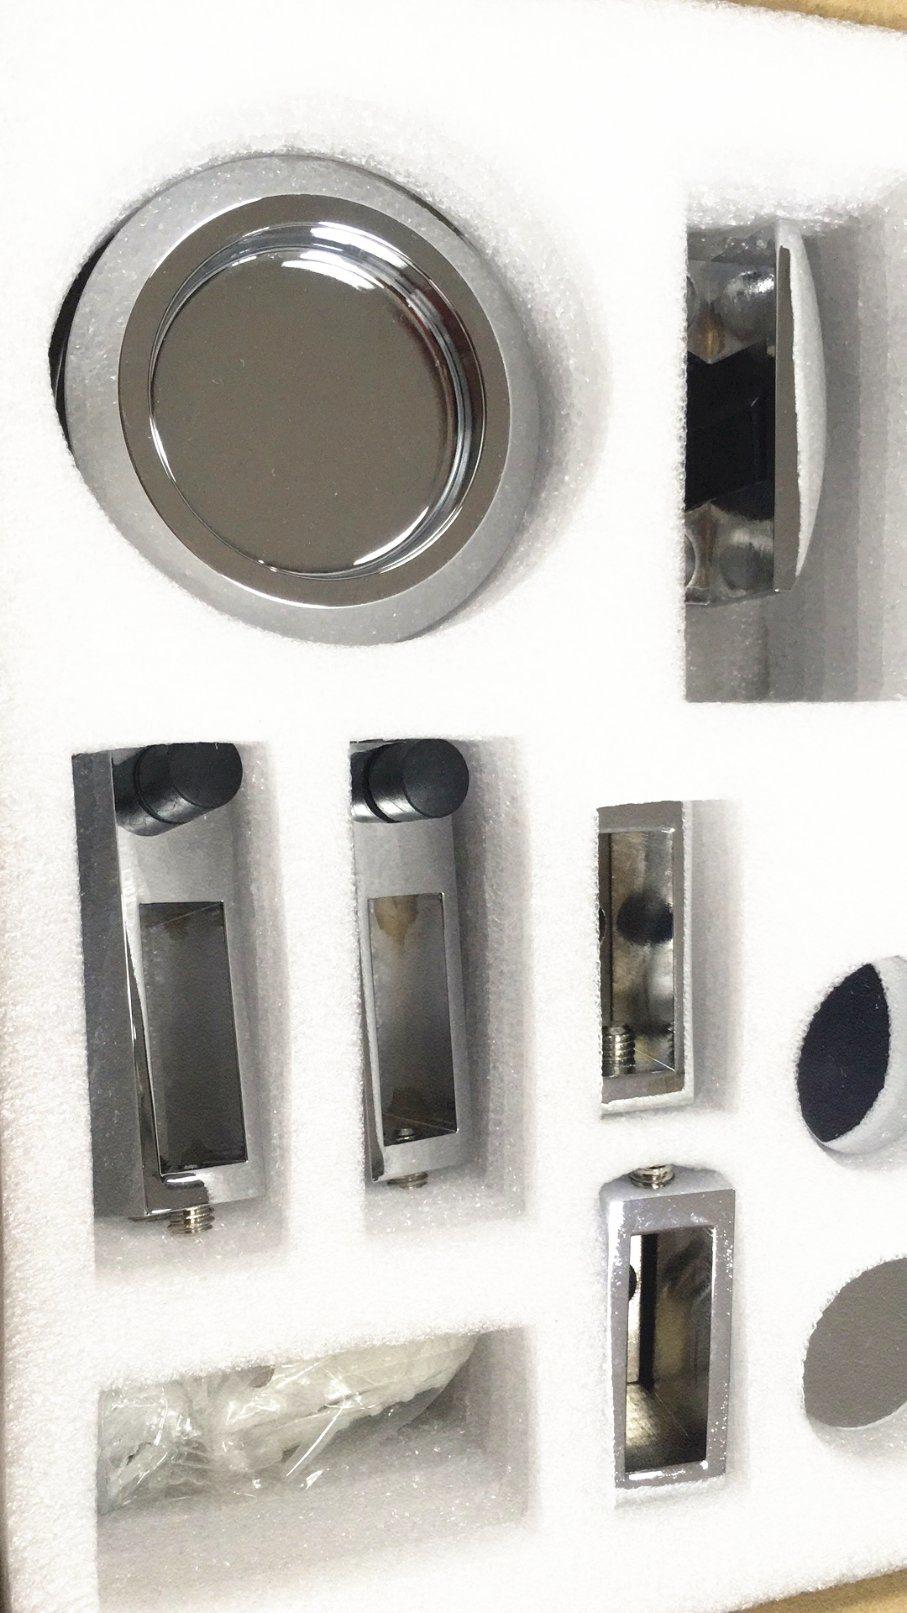 China Cheap Price Frameless Sliding Shower Doors Hardware